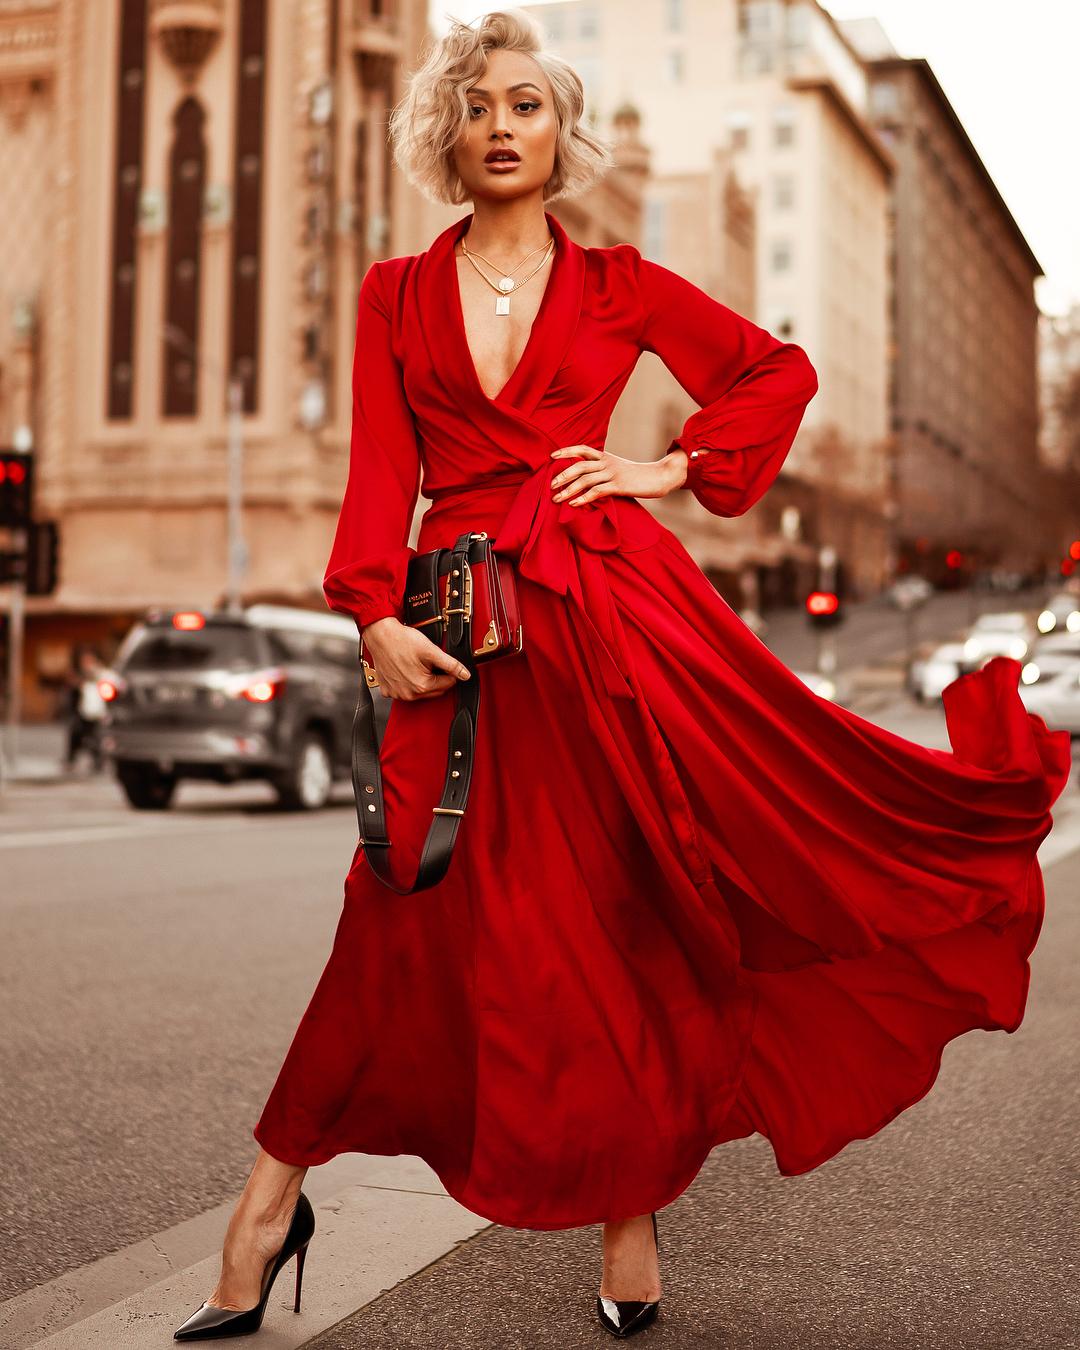 модный летние образы в красном цвете фото 4